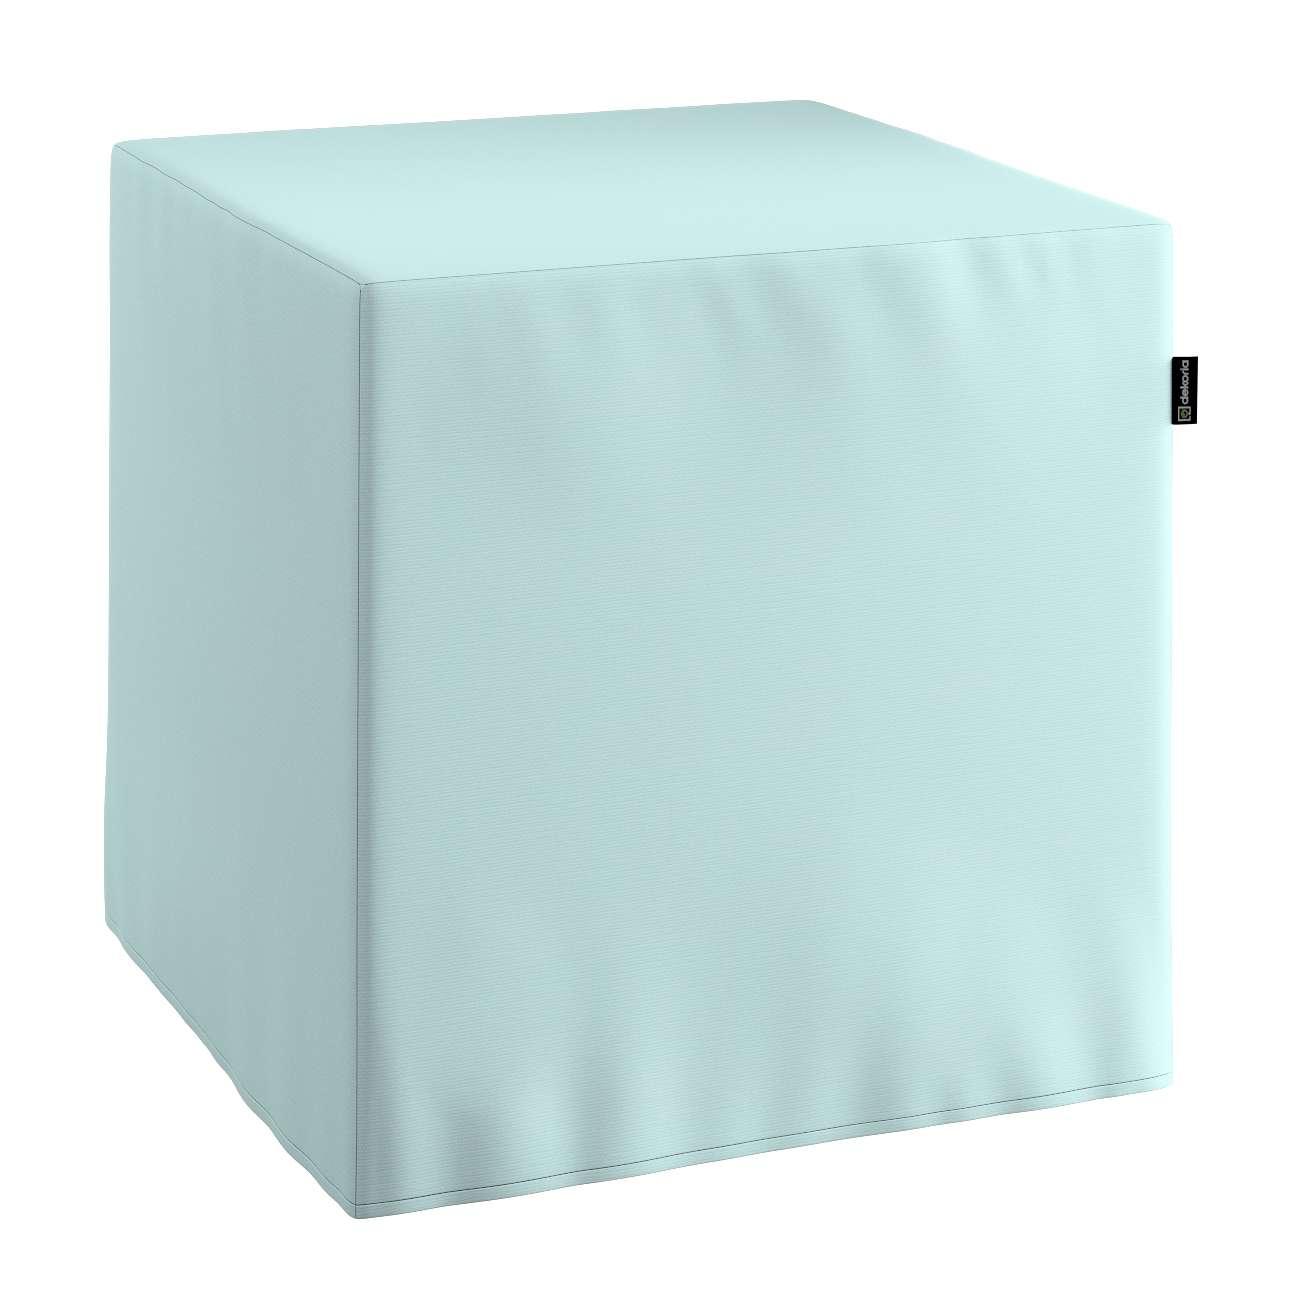 Pokrowiec na pufę kostke kostka 40x40x40 cm w kolekcji Cotton Panama, tkanina: 702-10